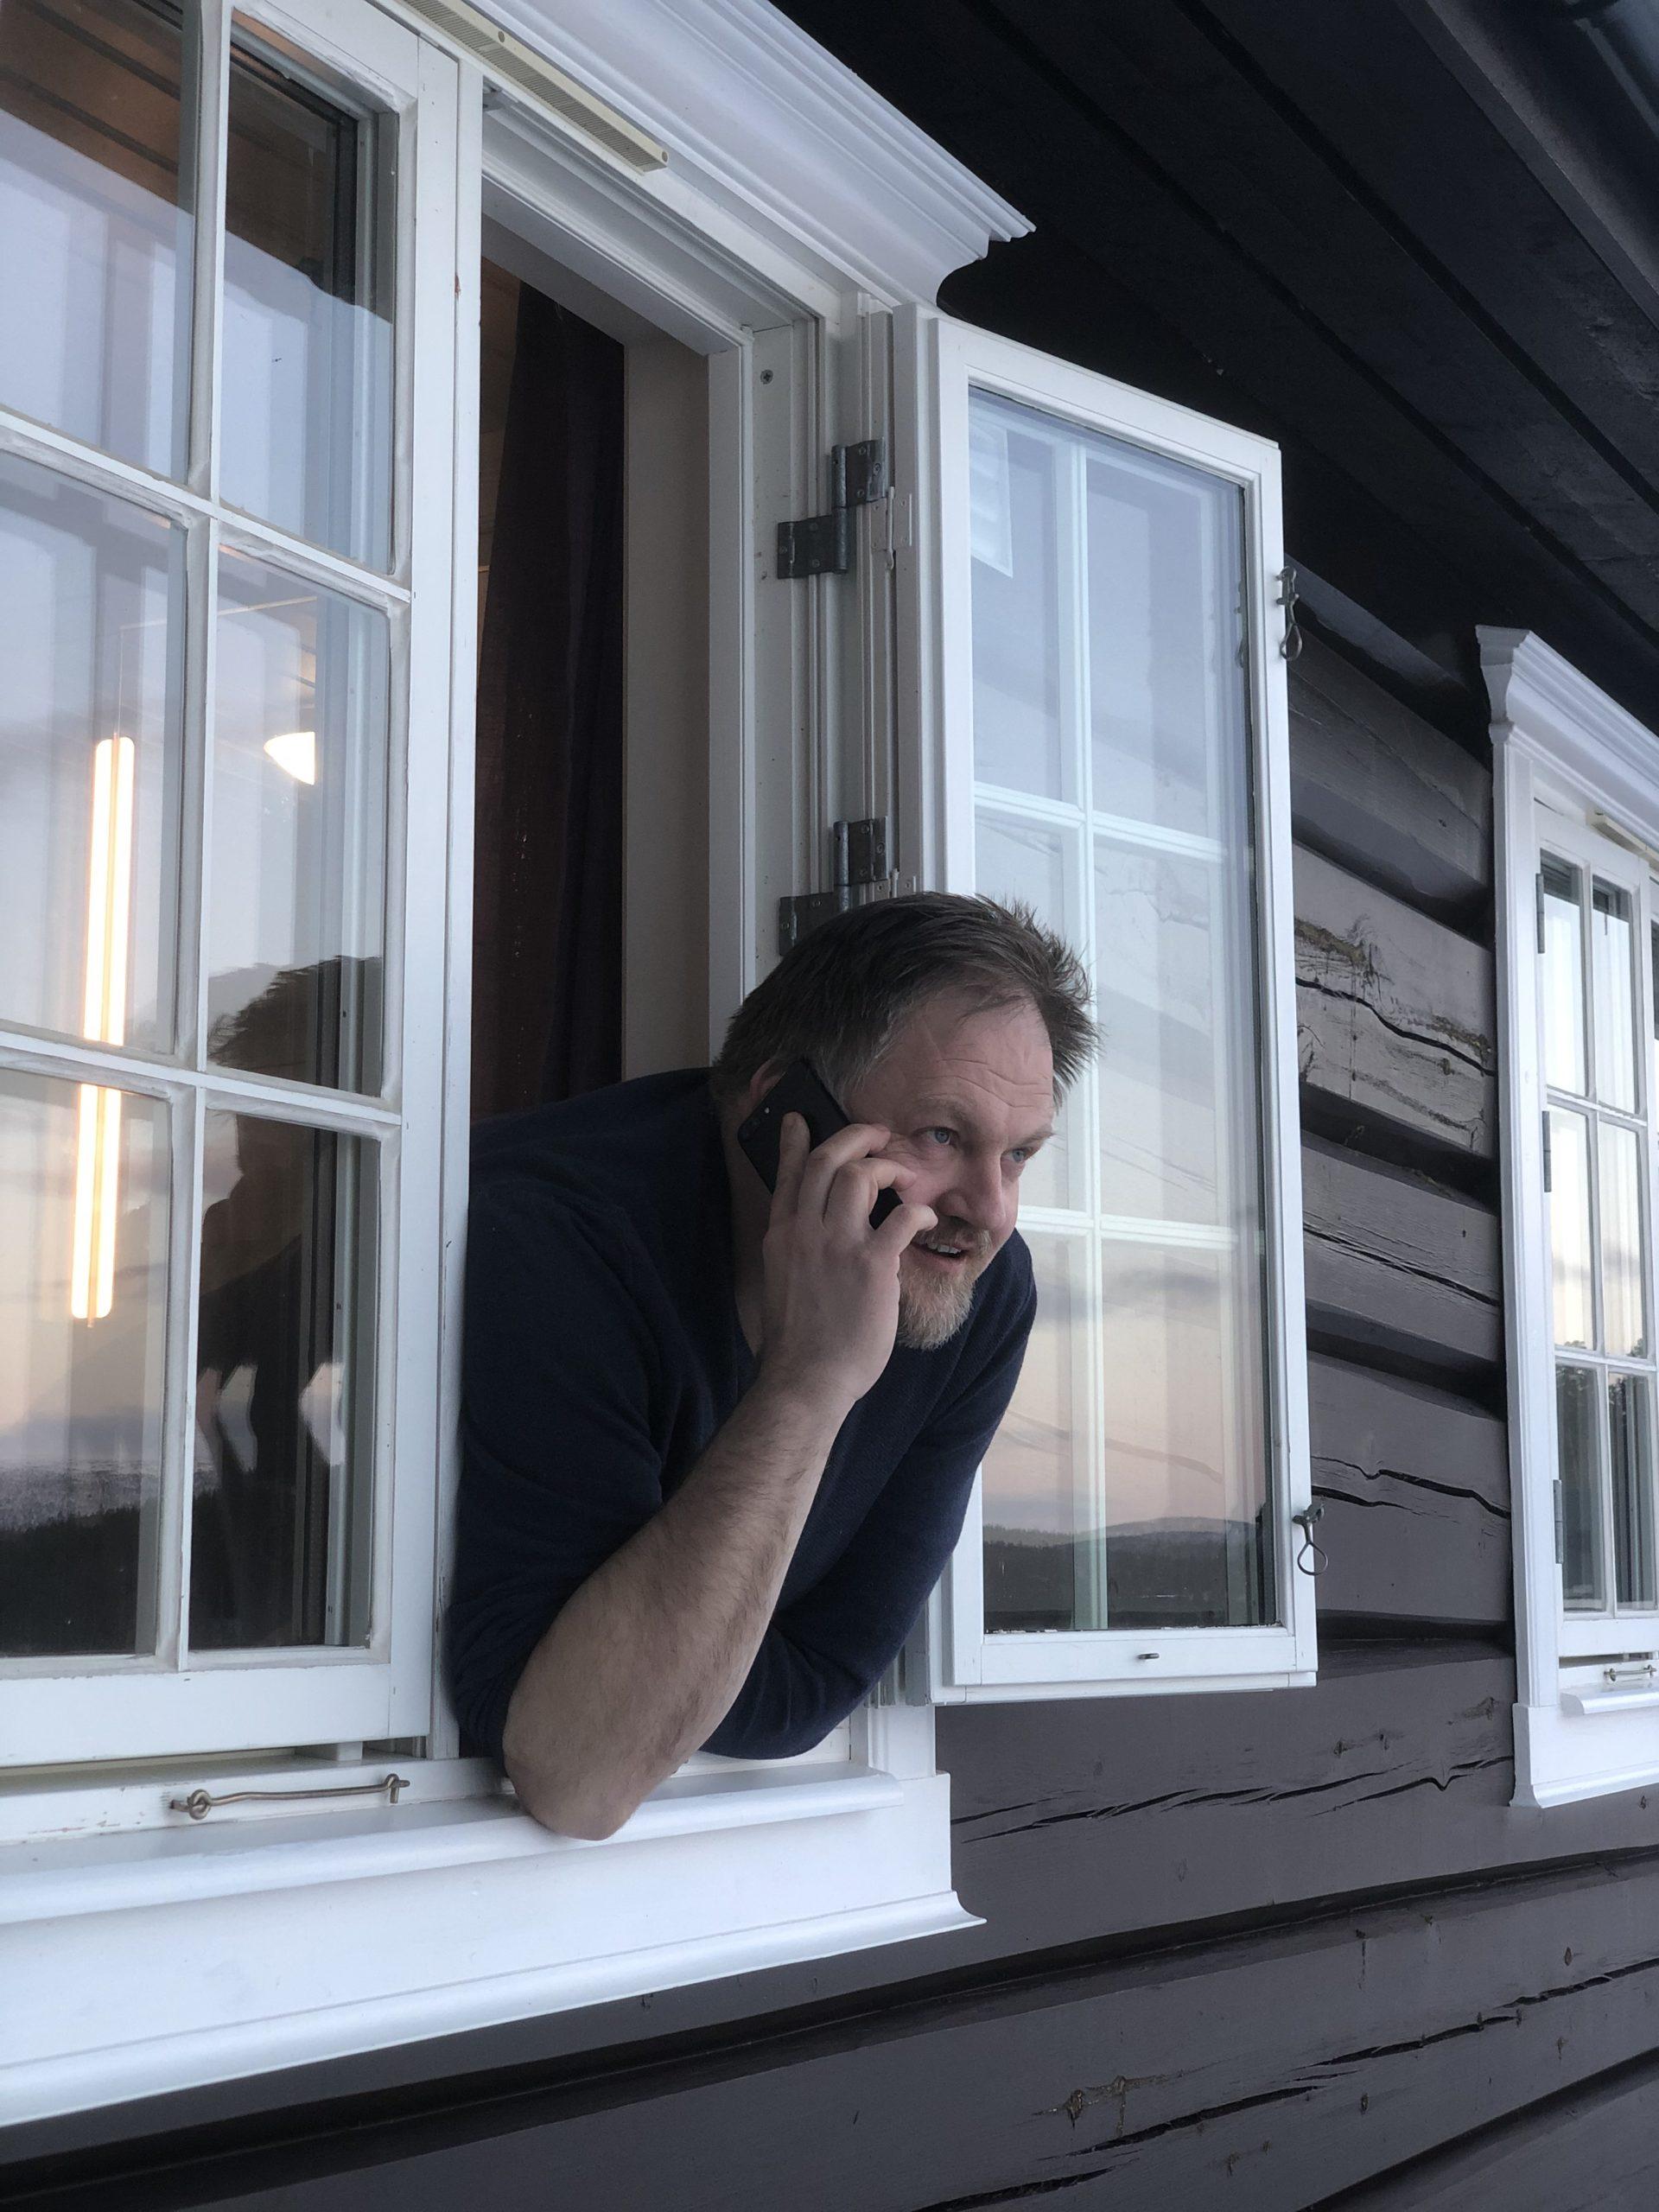 Rådmann Erling Strålberg henger ut av et vindu med telefonen til øret.